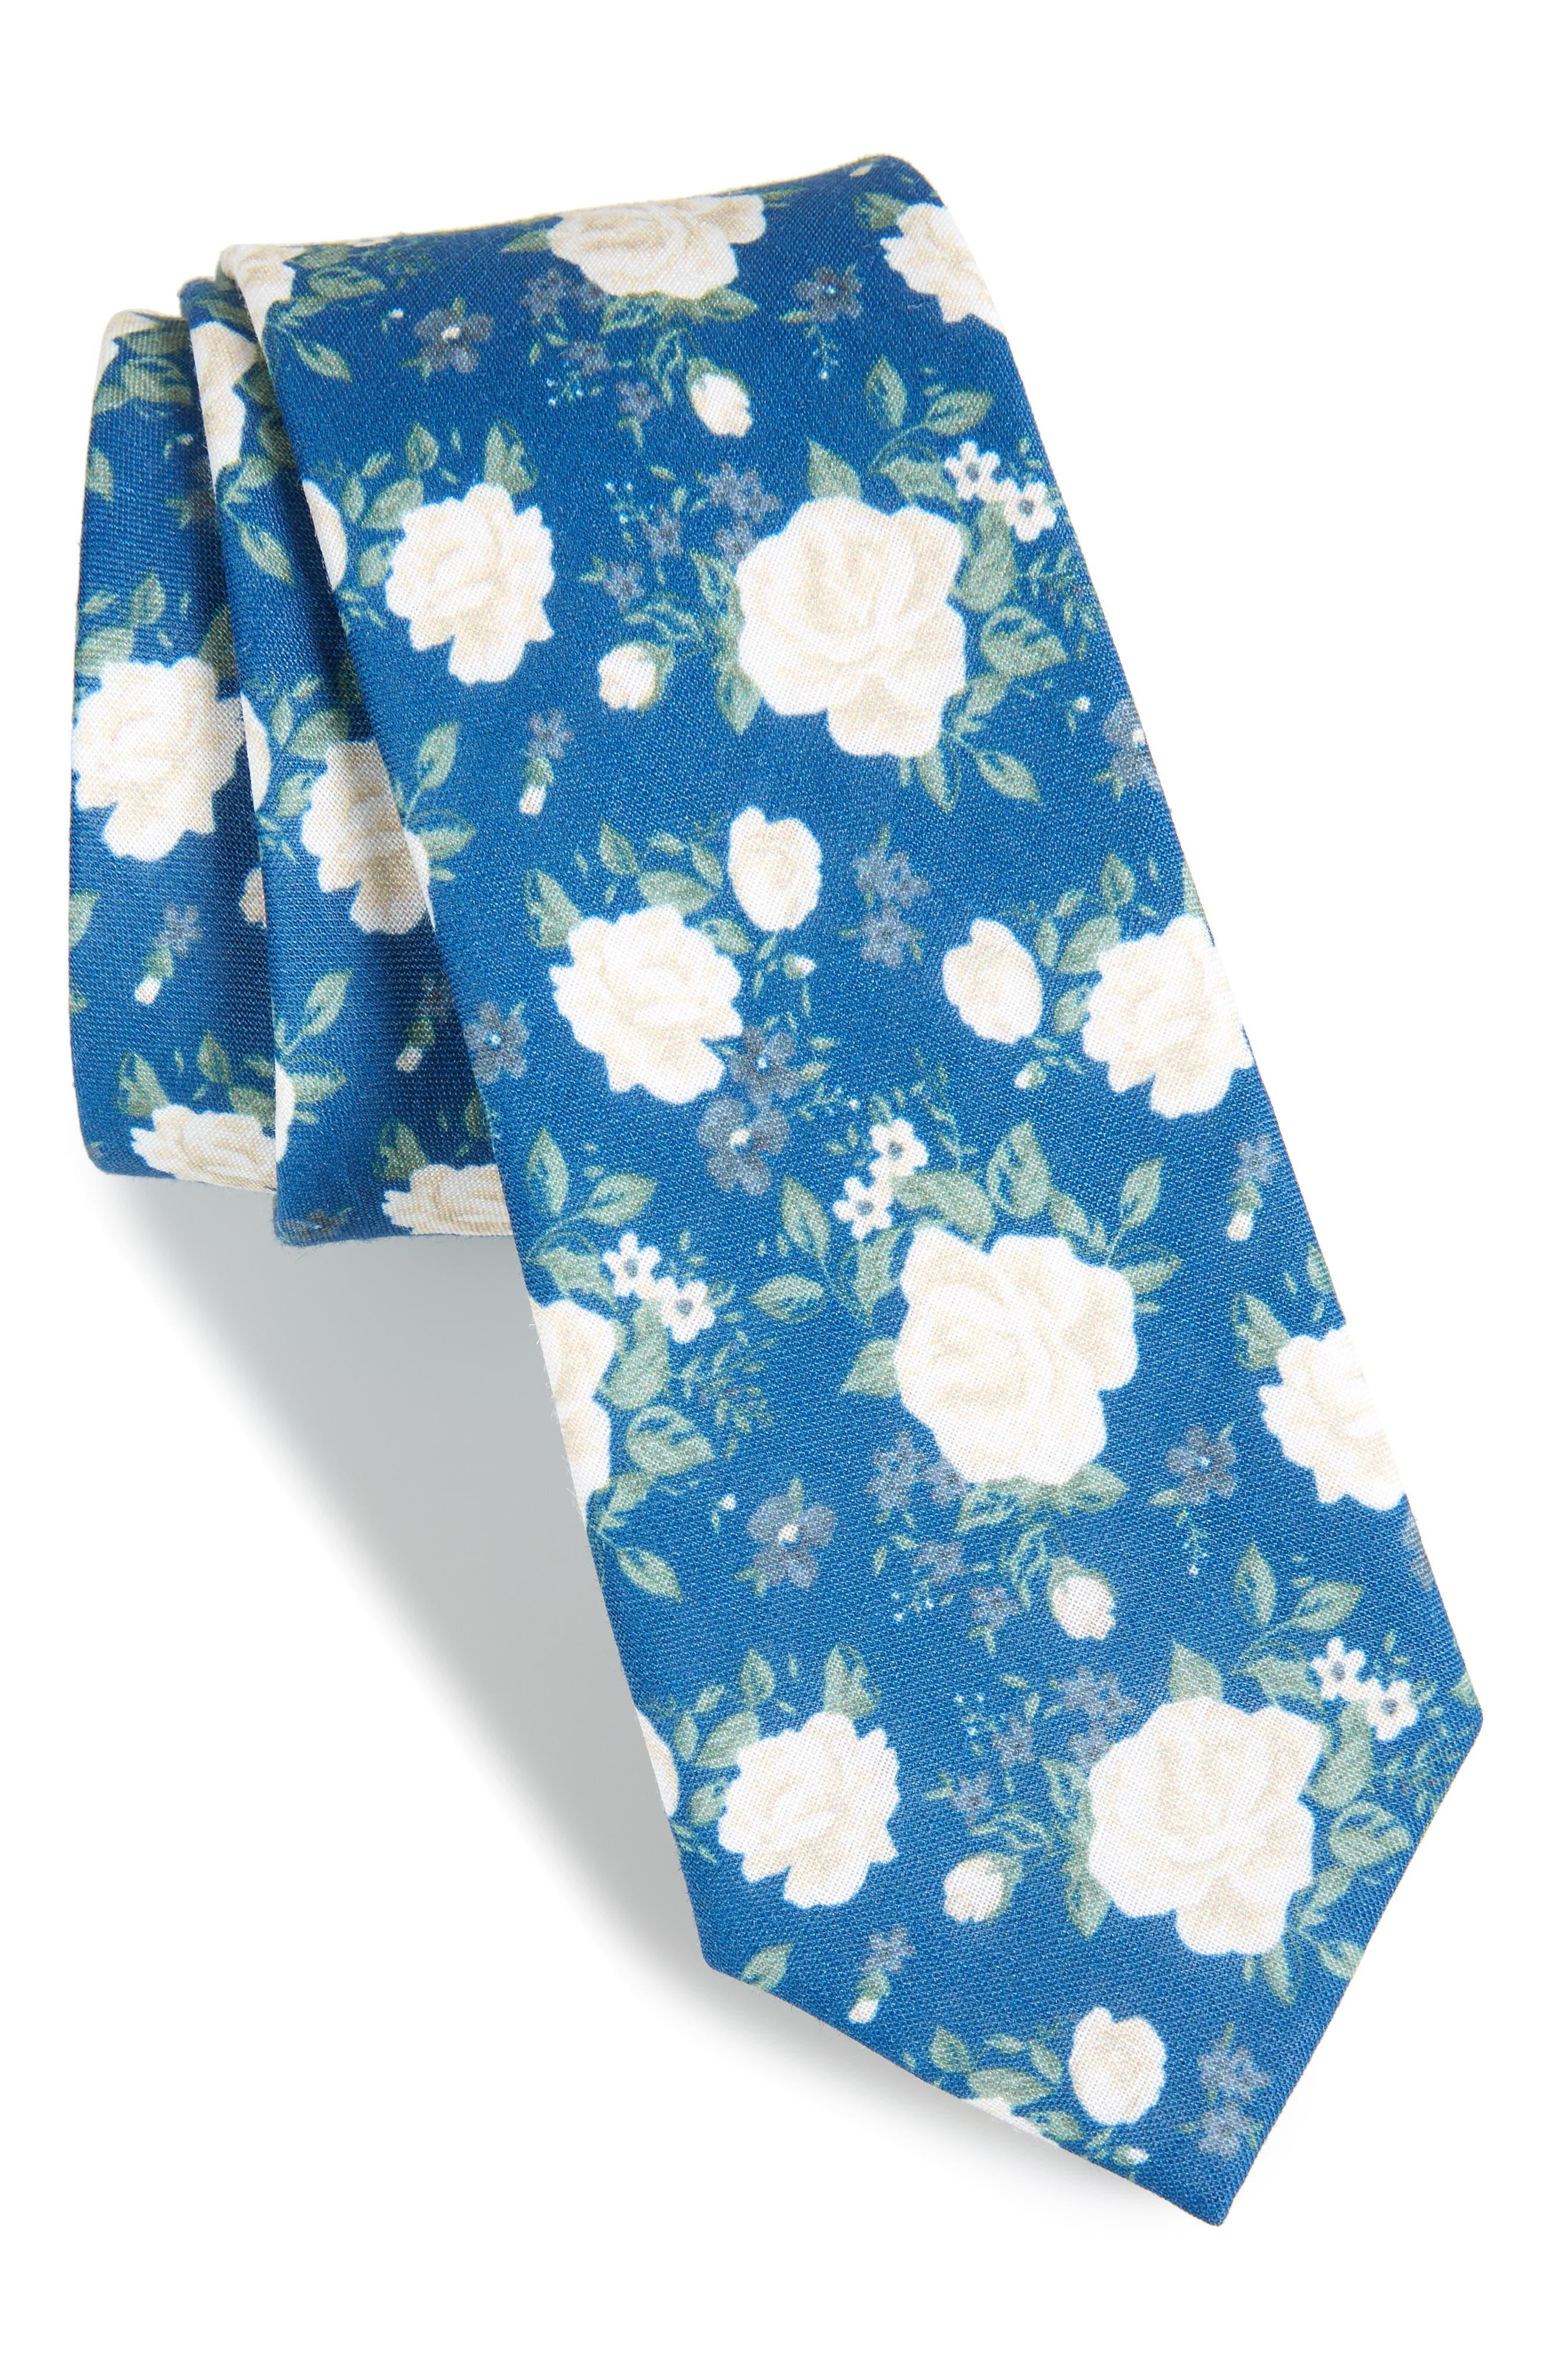 Hodgkiss Flowers Linen Tie,                             Main thumbnail 1, color,                             Royal Blue